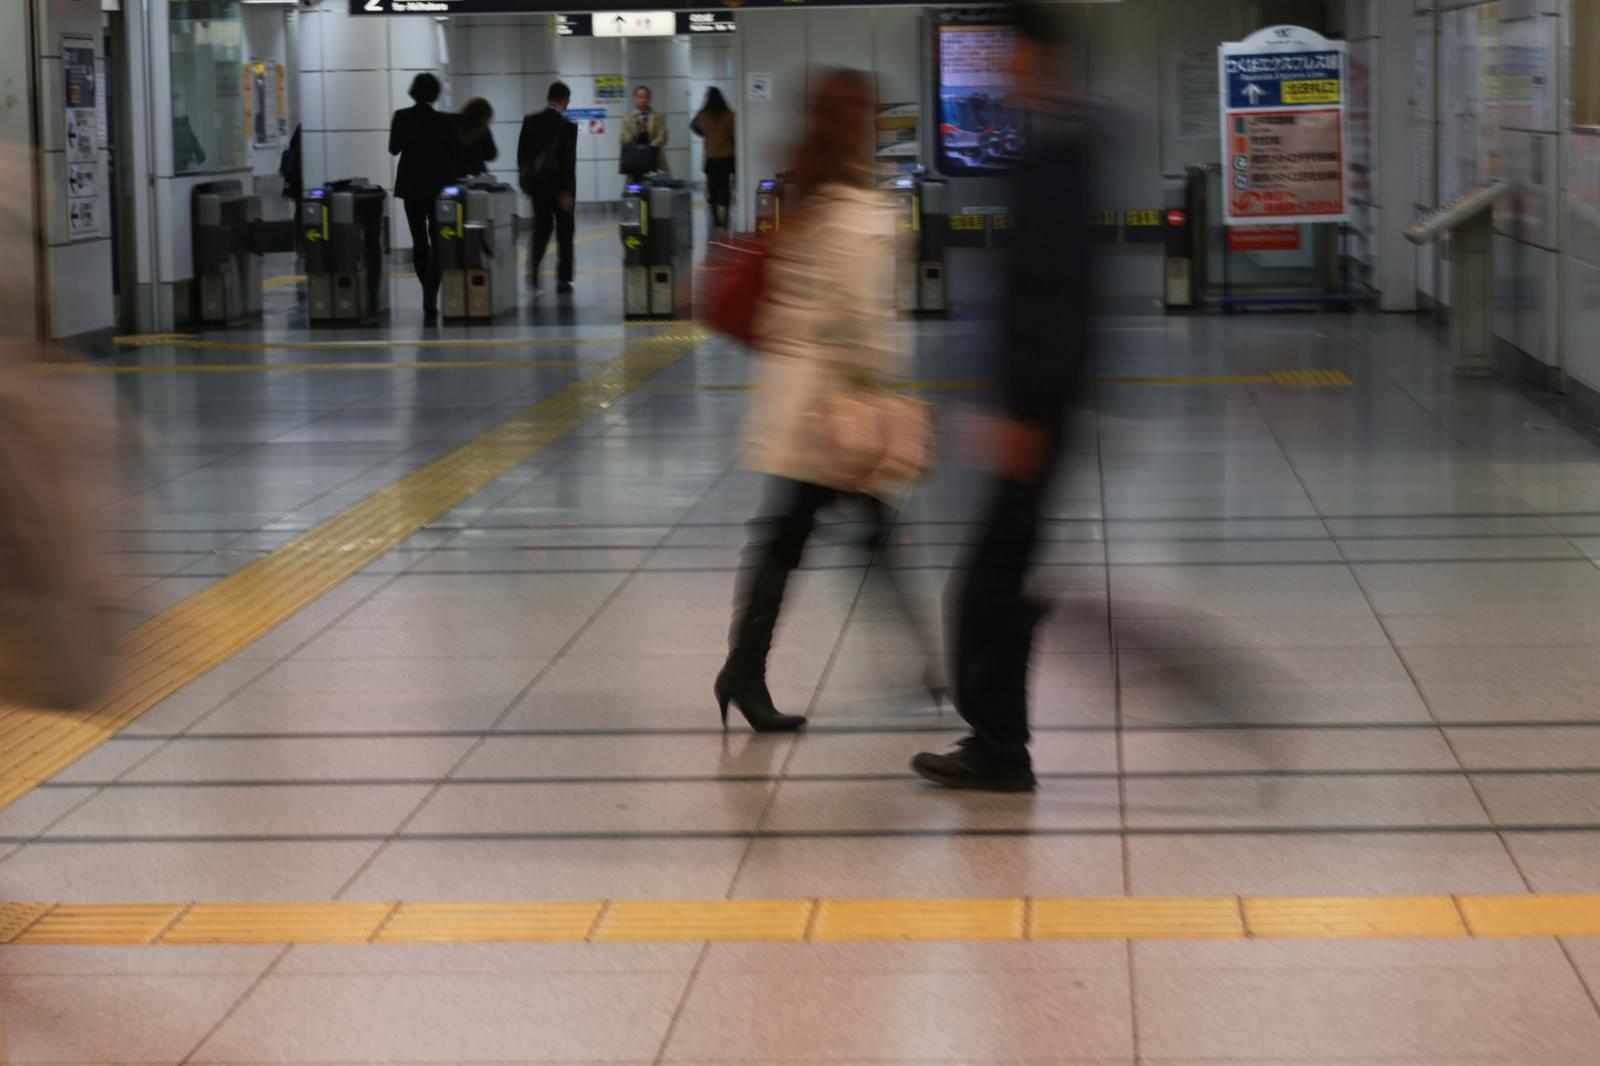 「電車通勤(改札前)電車通勤(改札前)」のフリー写真素材を拡大